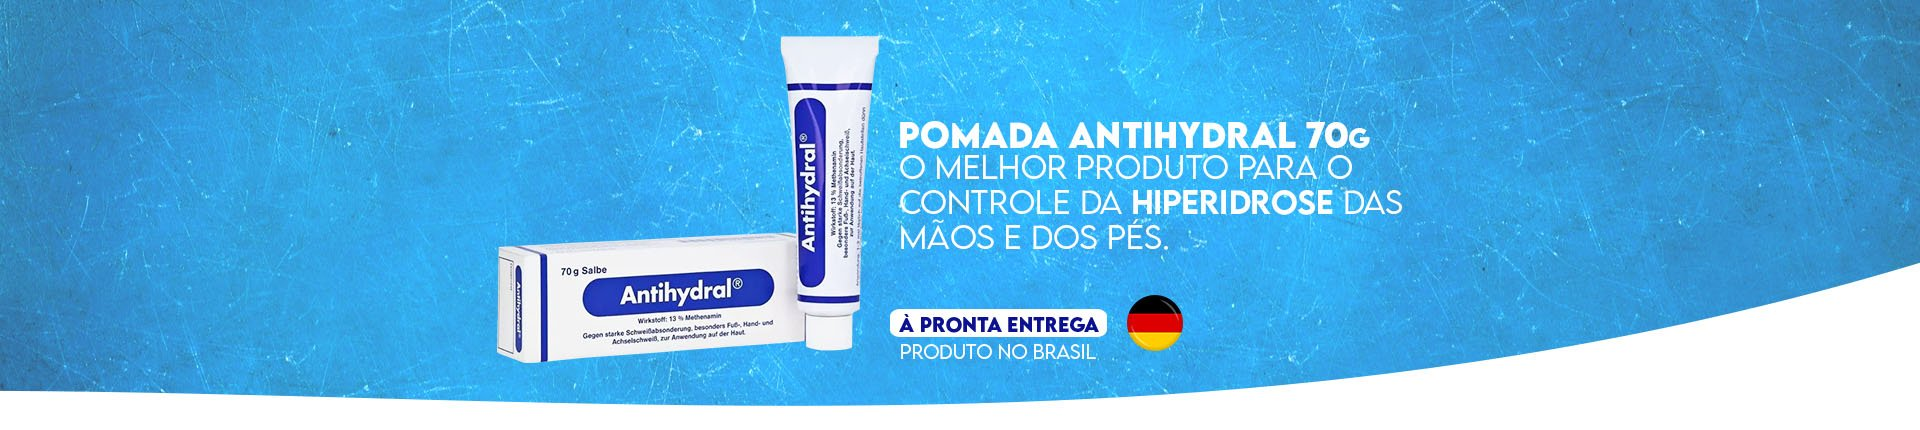 Antihydral 70g